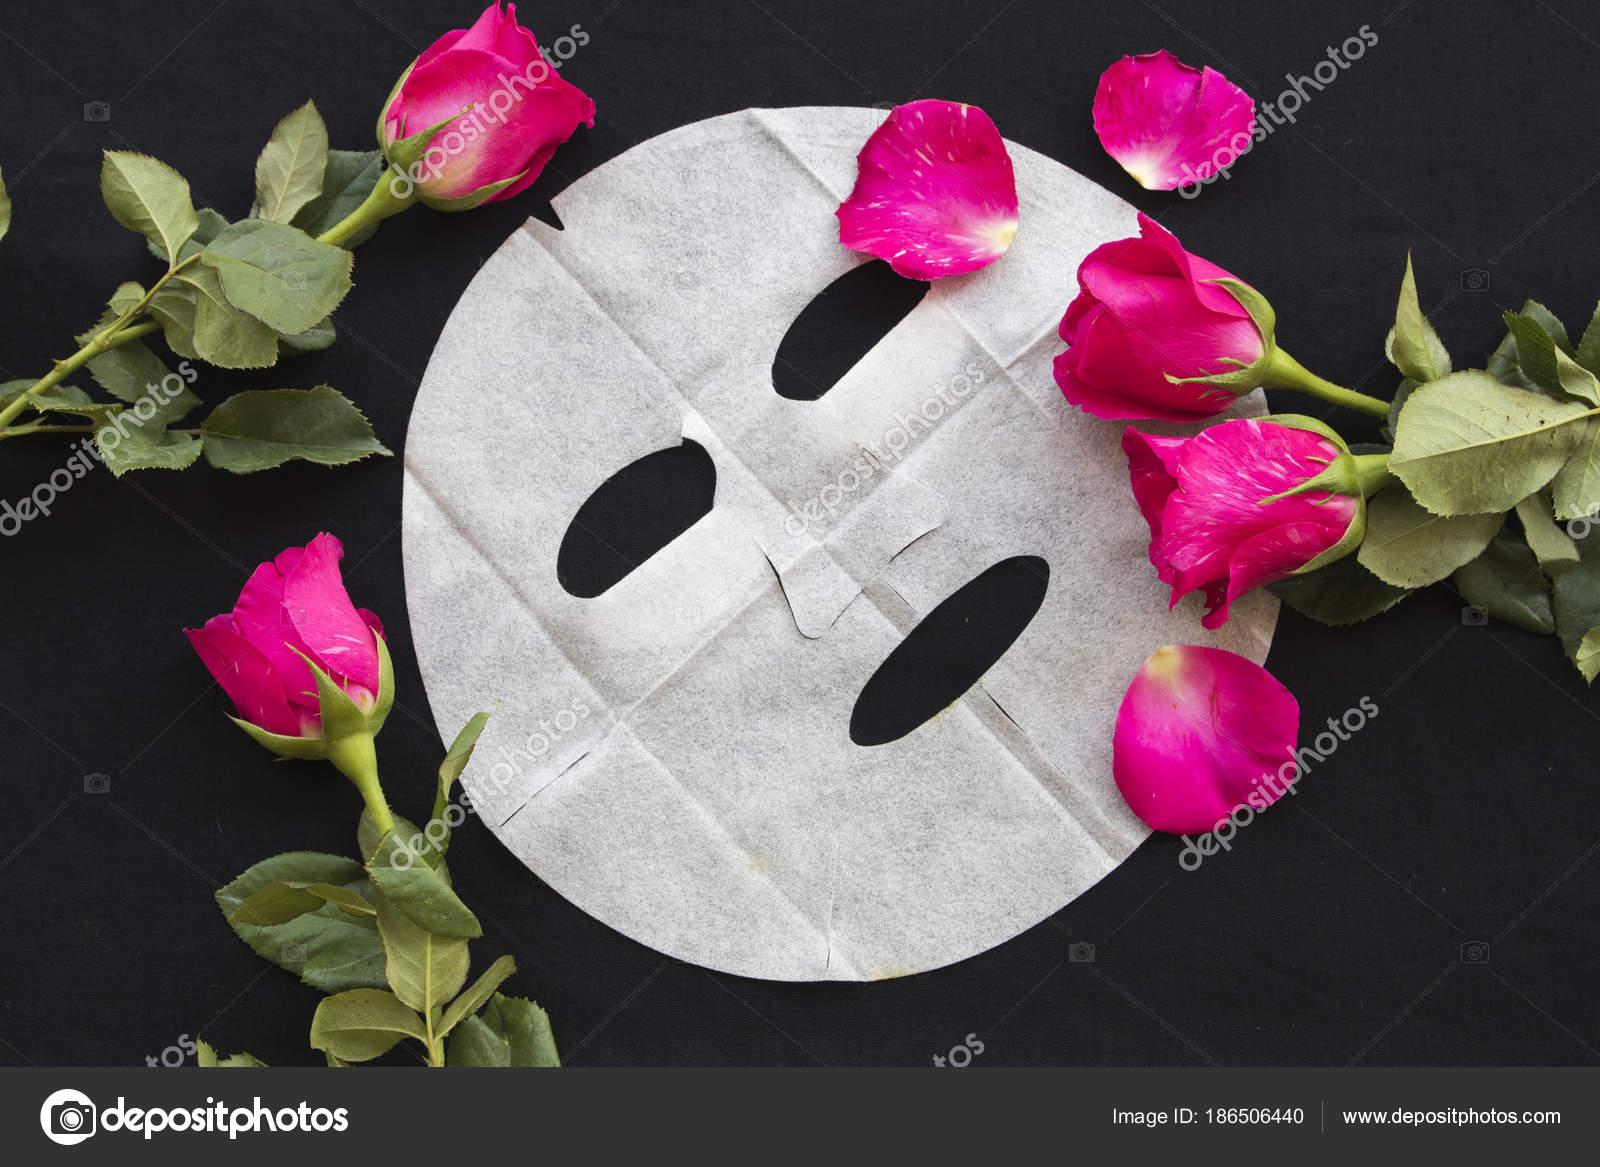 Masque Feuille Naturelle Pour Visage Peau Fleur Rose Sur Fond